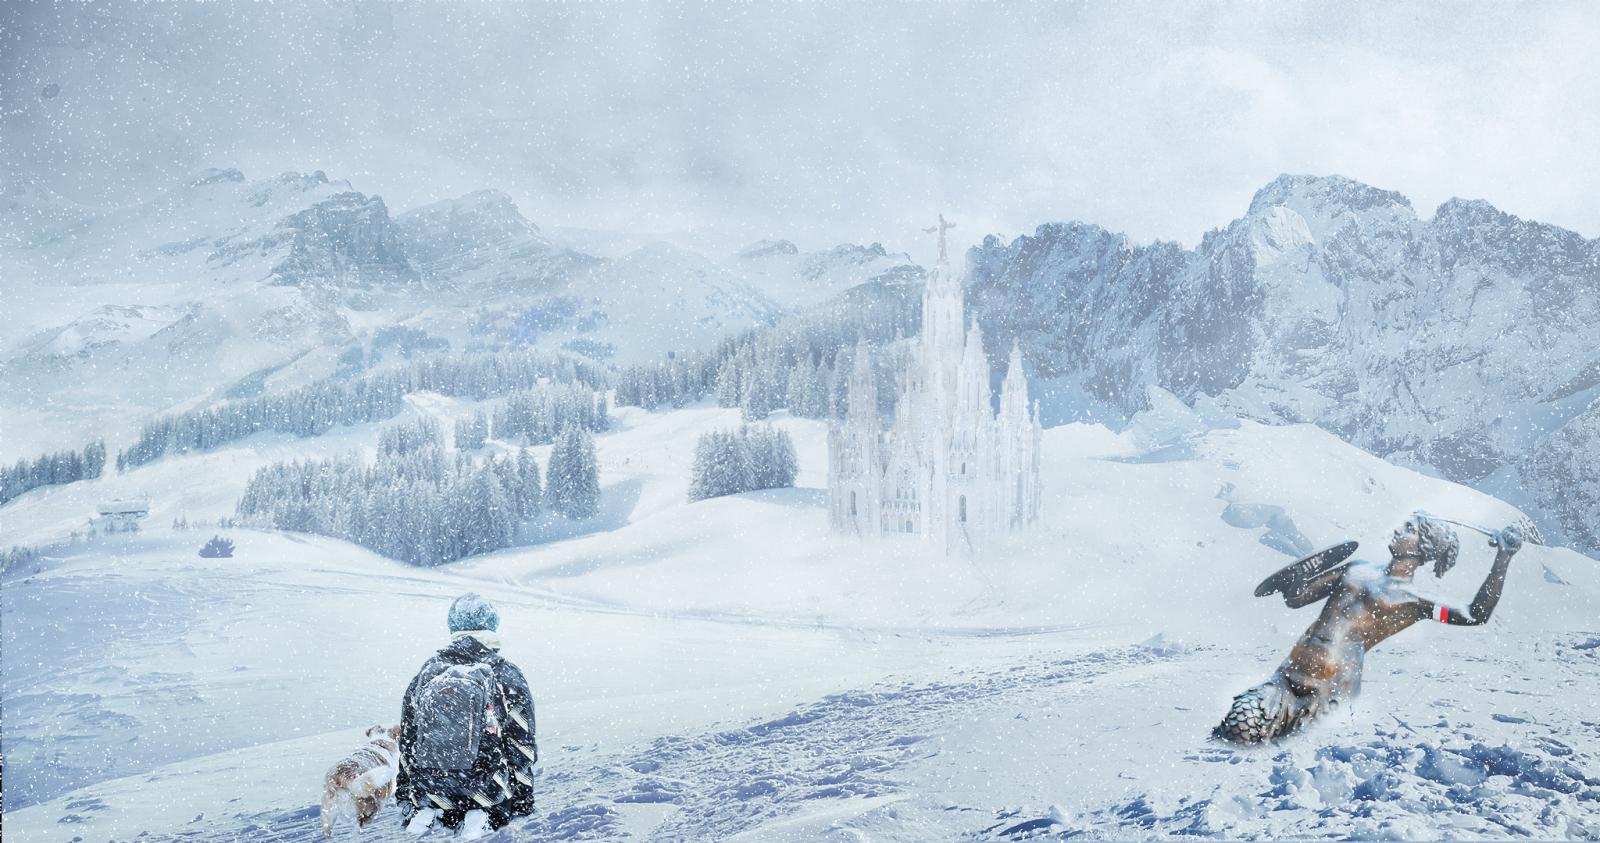 Hình ảnh tuyết rơi cực đẹp trong khu trượt